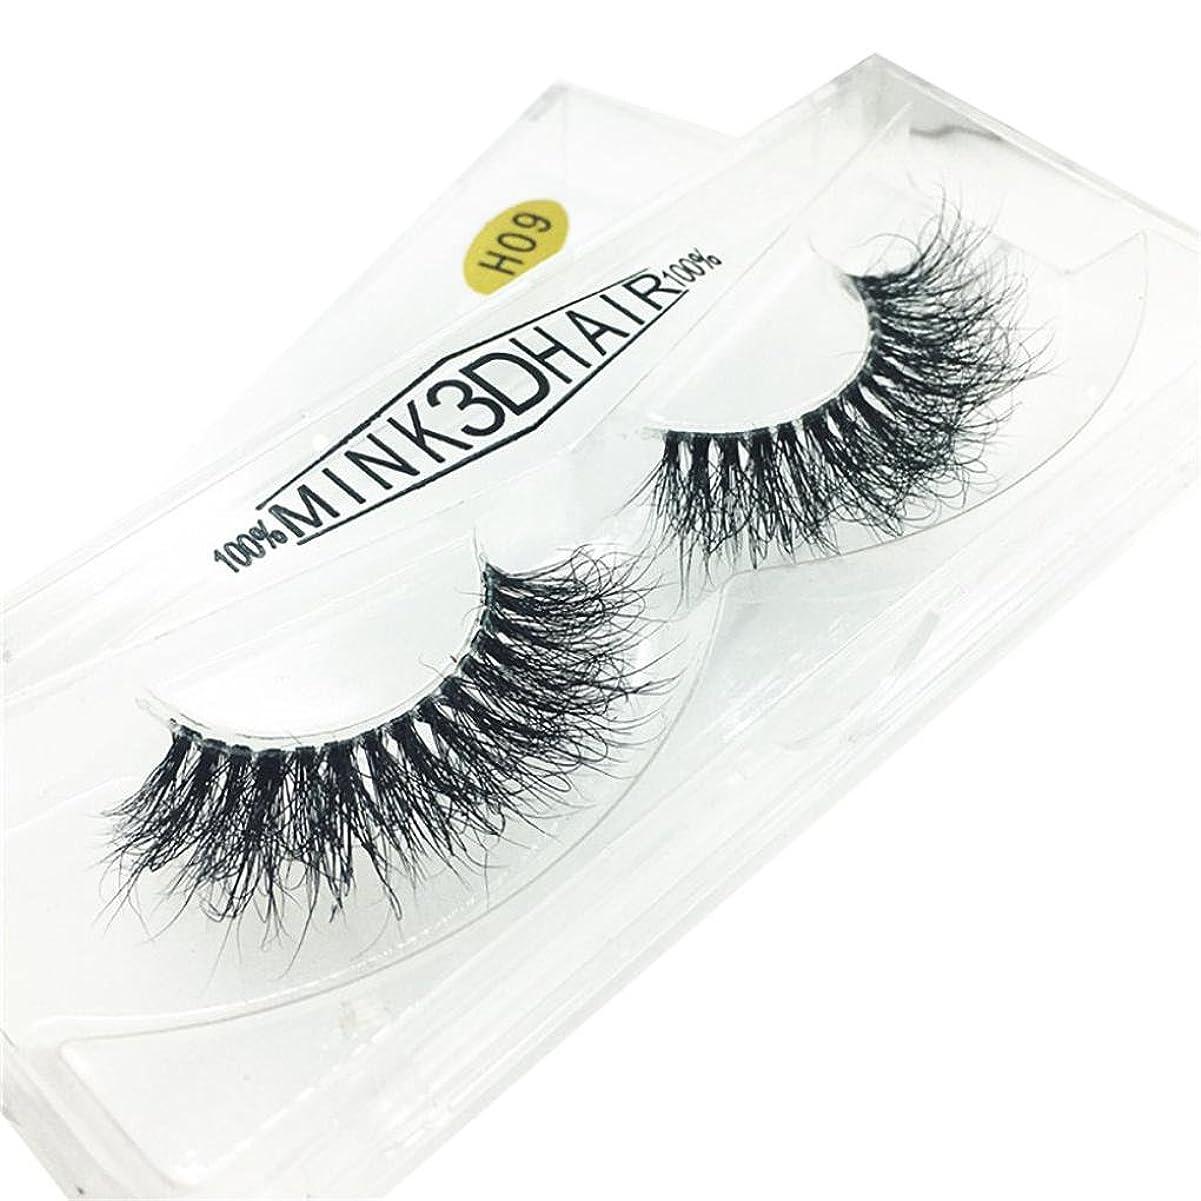 ウガンダリンク商人Feteso 1ペア つけまつげ 上まつげ Eyelashes アイラッシュ まつげエクステ扩展 レディース 化粧ツール アイメイクアップ 人気 ファション ピュアナチュラル 柔らかい 装着簡単 綺麗 変身